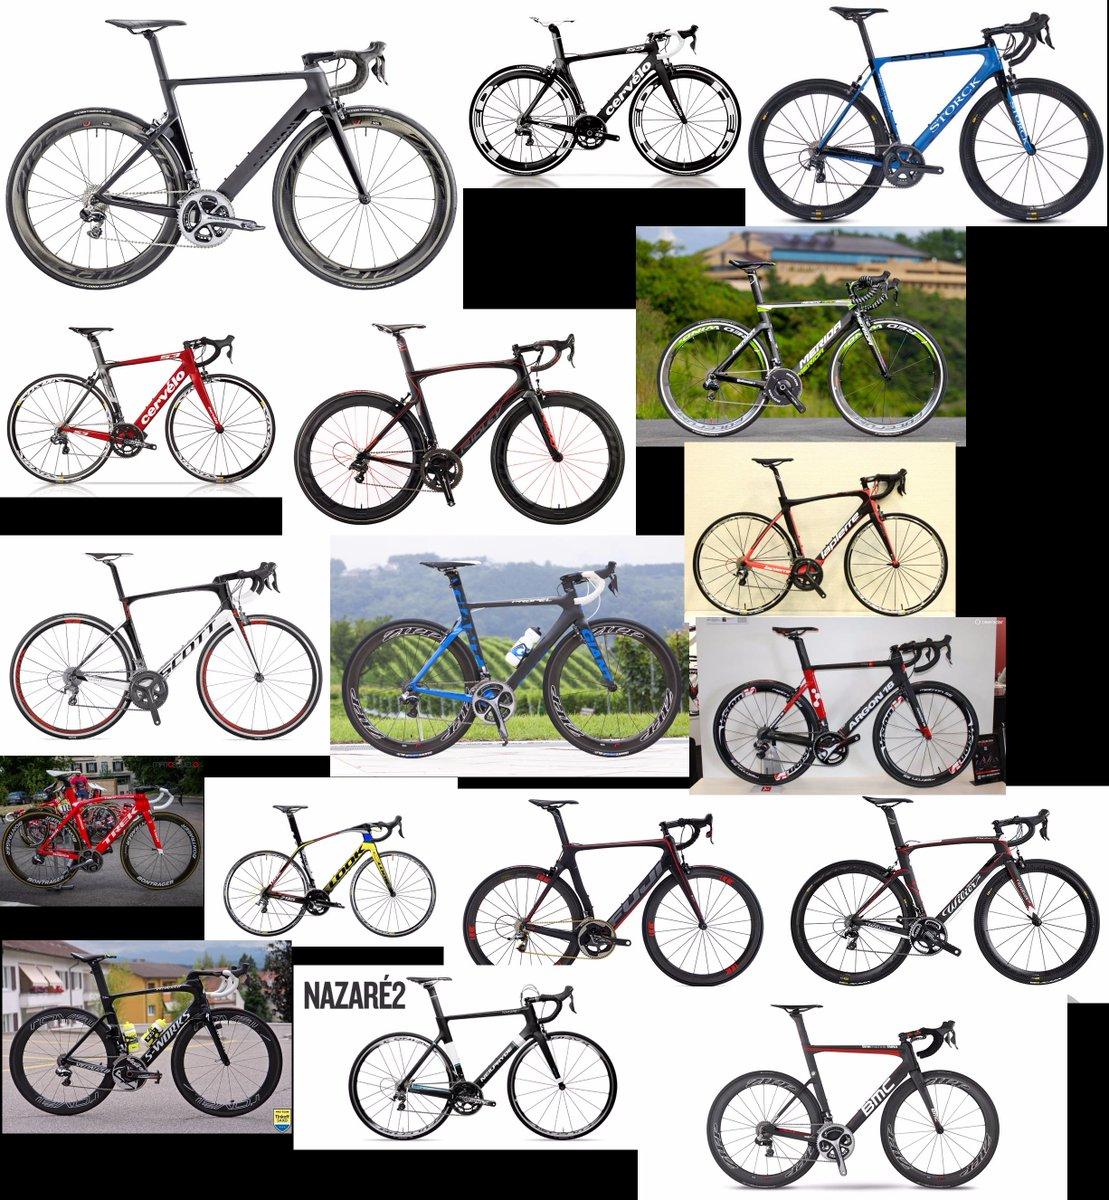 """ロードバイク乗りこなしてるキミも、まだまだのキミも """"エアロロード言えるかな?""""に挑戦だ! How're your legs pedaling today! http://t.co/Ay3PVDHBFd"""